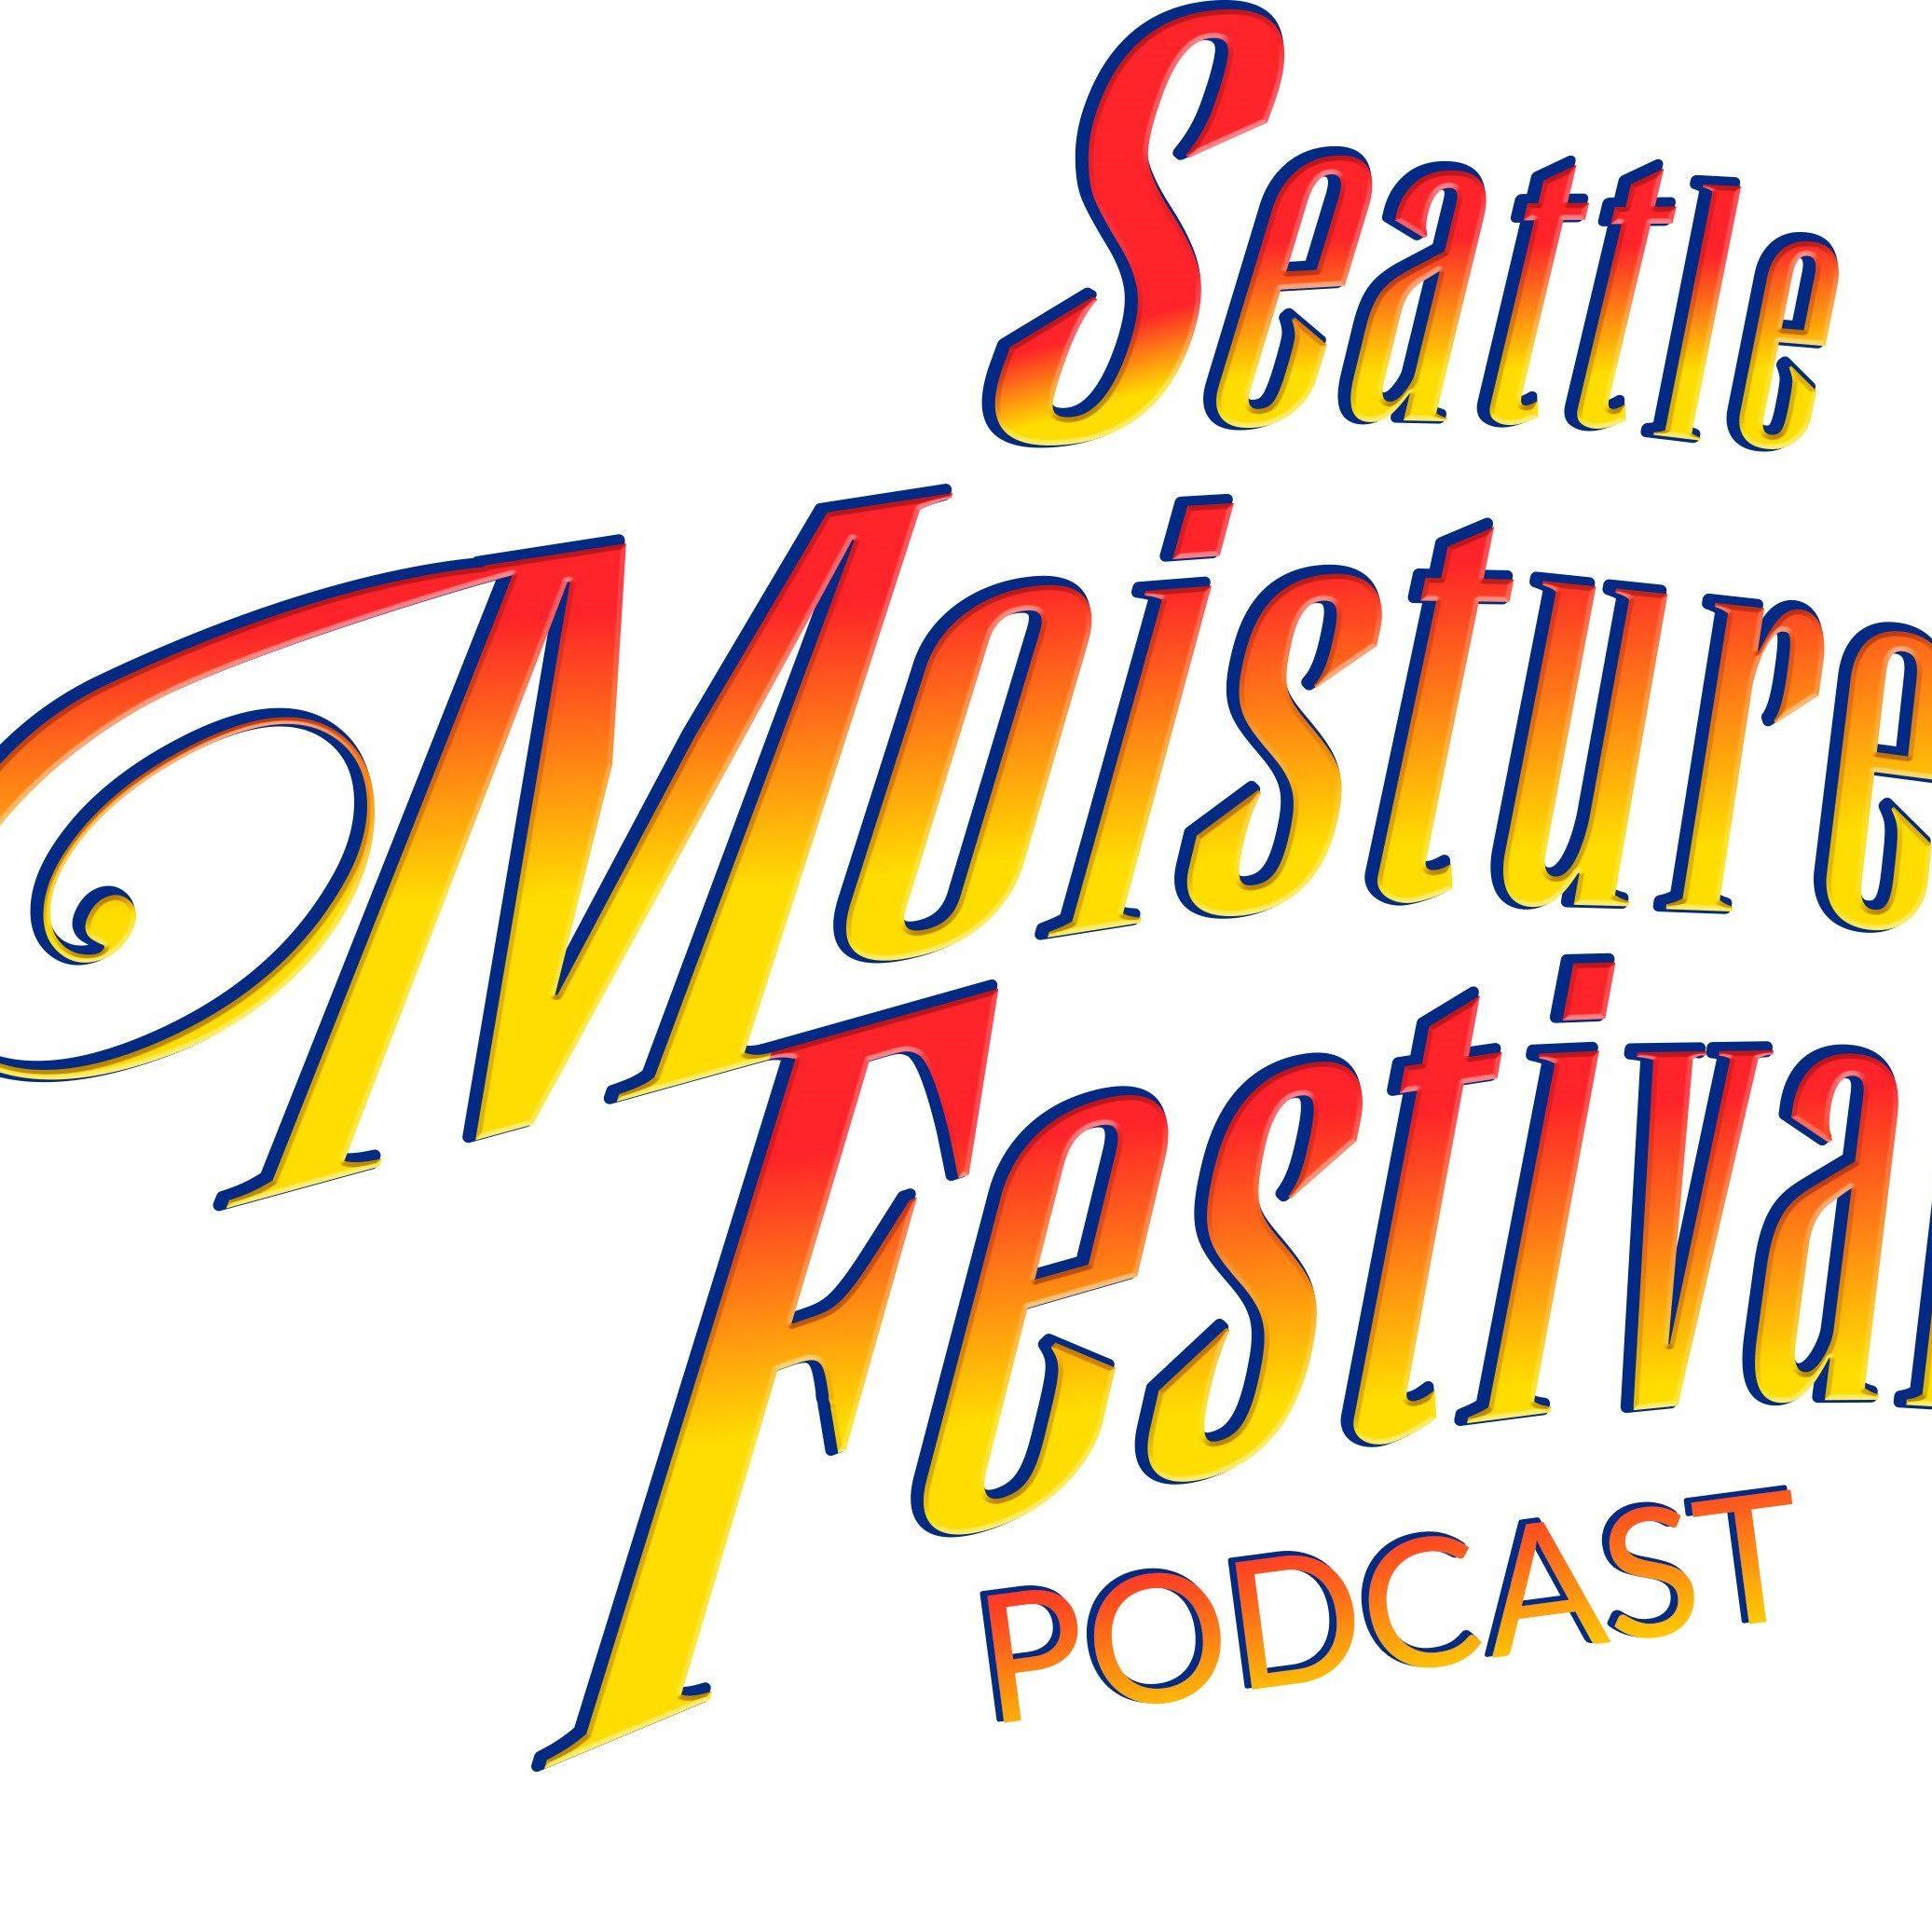 The Moisture Festival Podcast